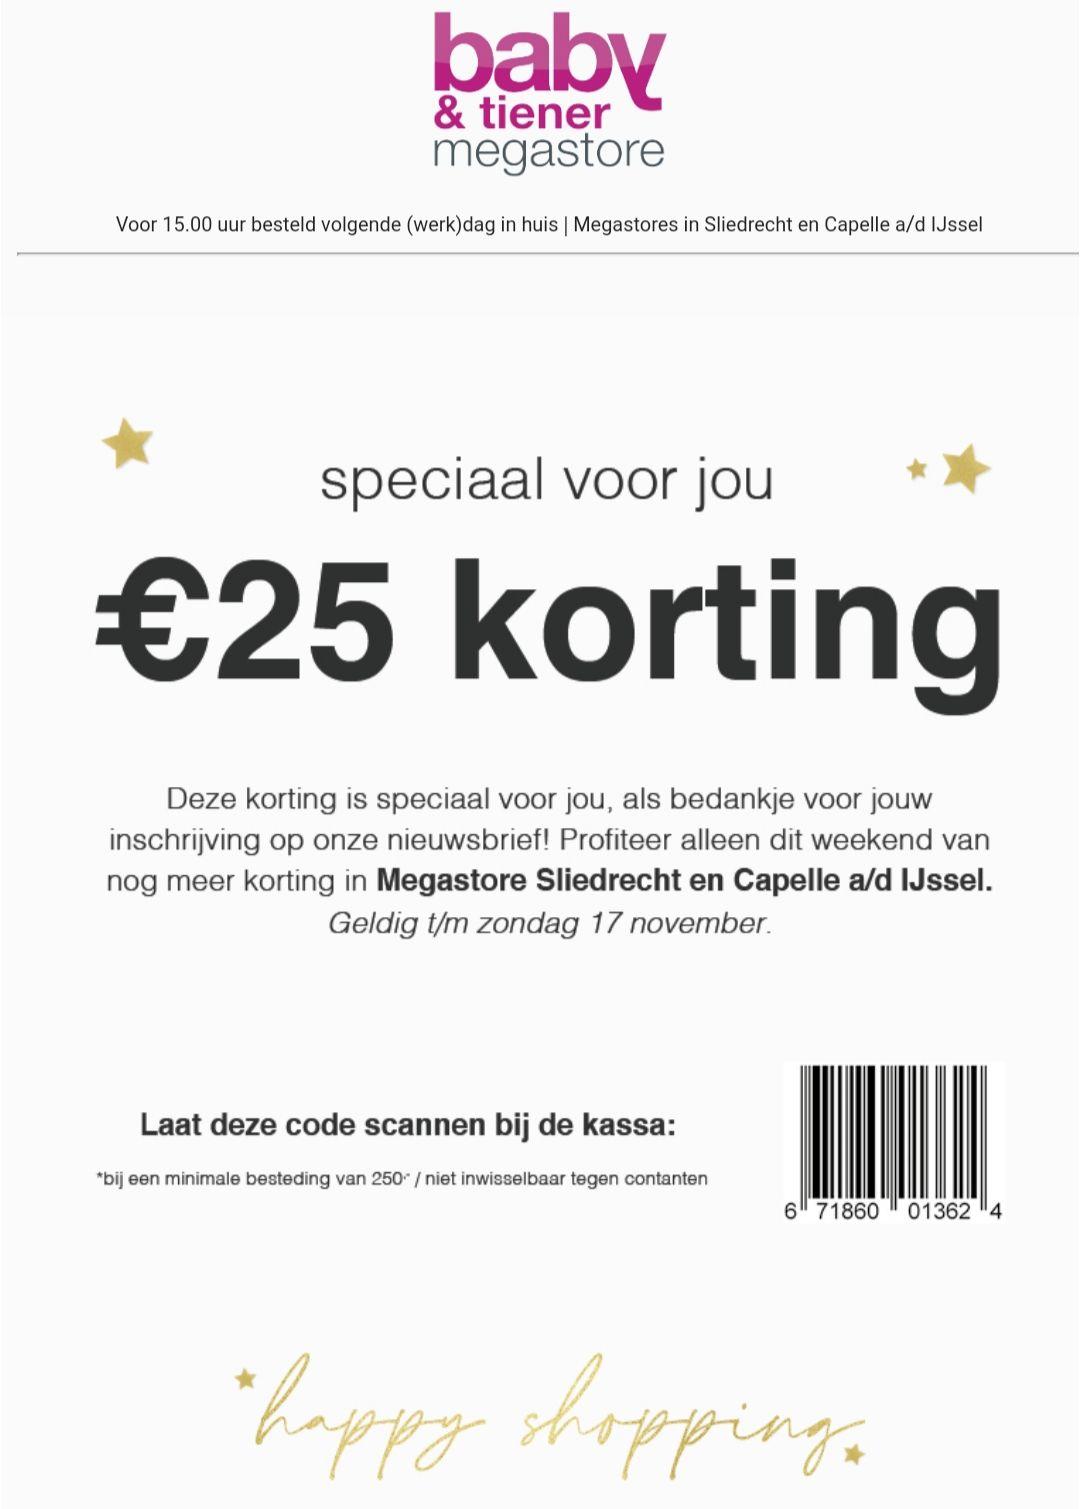 €25,- korting bij besteding van minimaal €250,- @ Baby&Tiener megastore